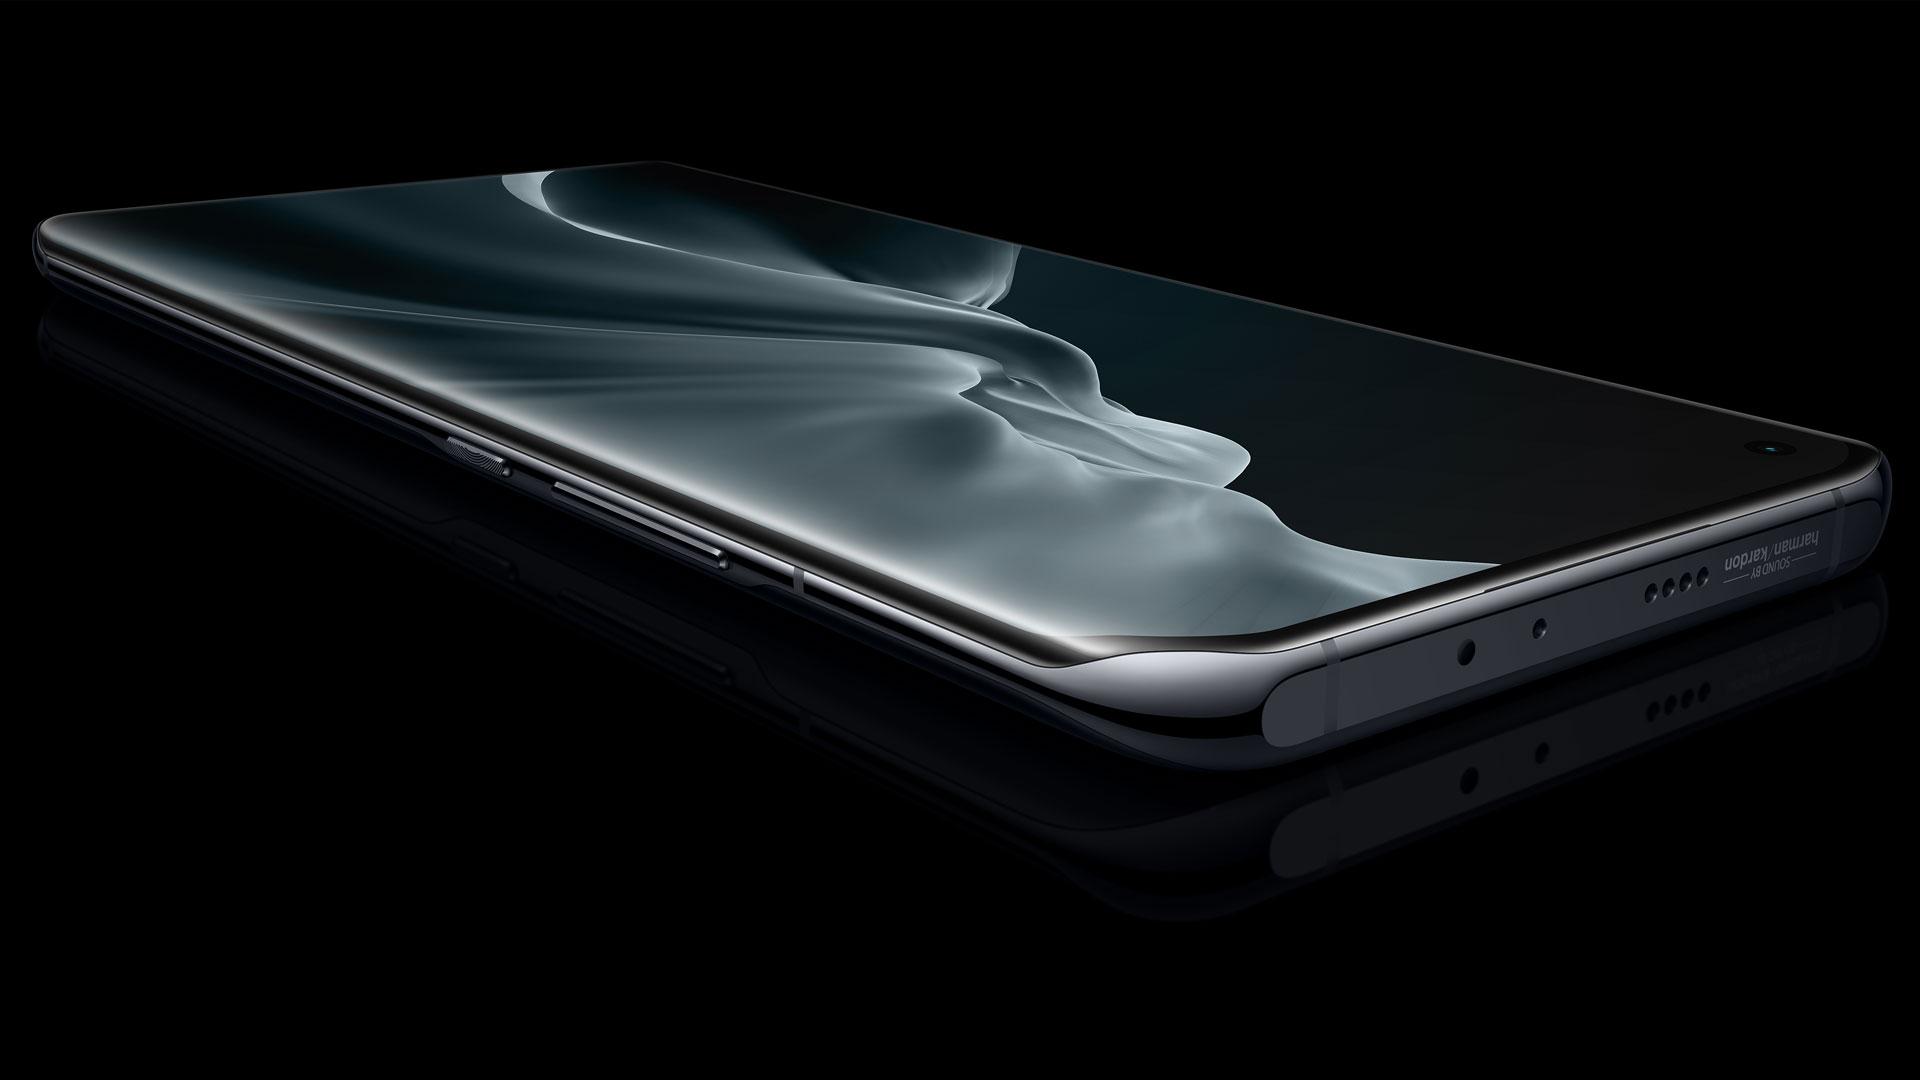 Das Display des neuen Xiaomi Mi 11 | 5G in Midnight Gray vor schwarzem Hintergrund.